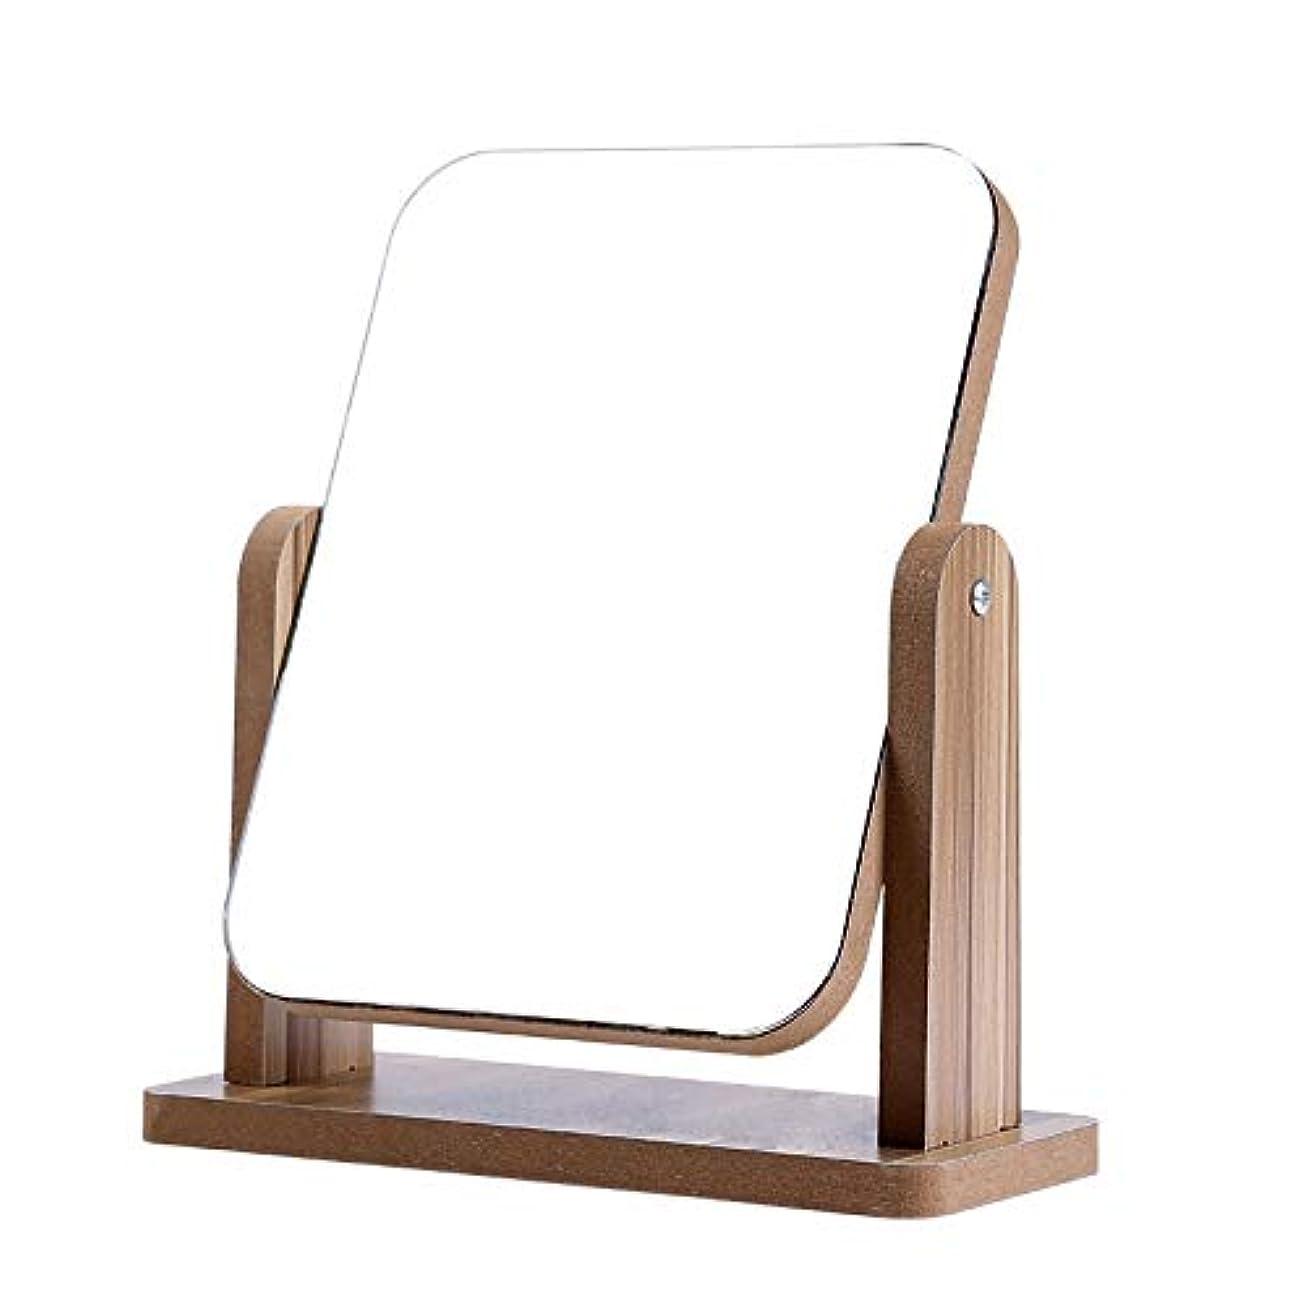 シビック予感フェローシップAnyasun 卓上ミラー 化粧ミラー メイクミラー 360度回転 スタンドミラー 化粧鏡 木目 (縦)